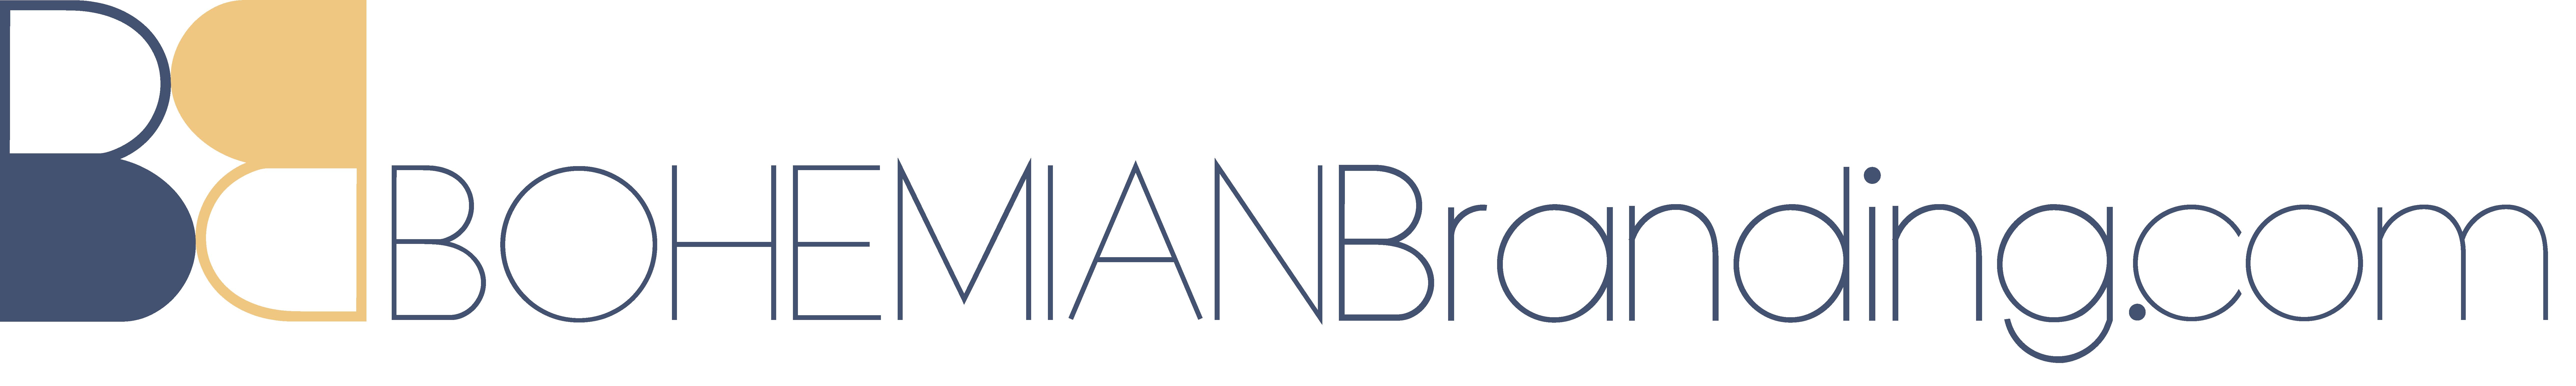 Bohemian Branding